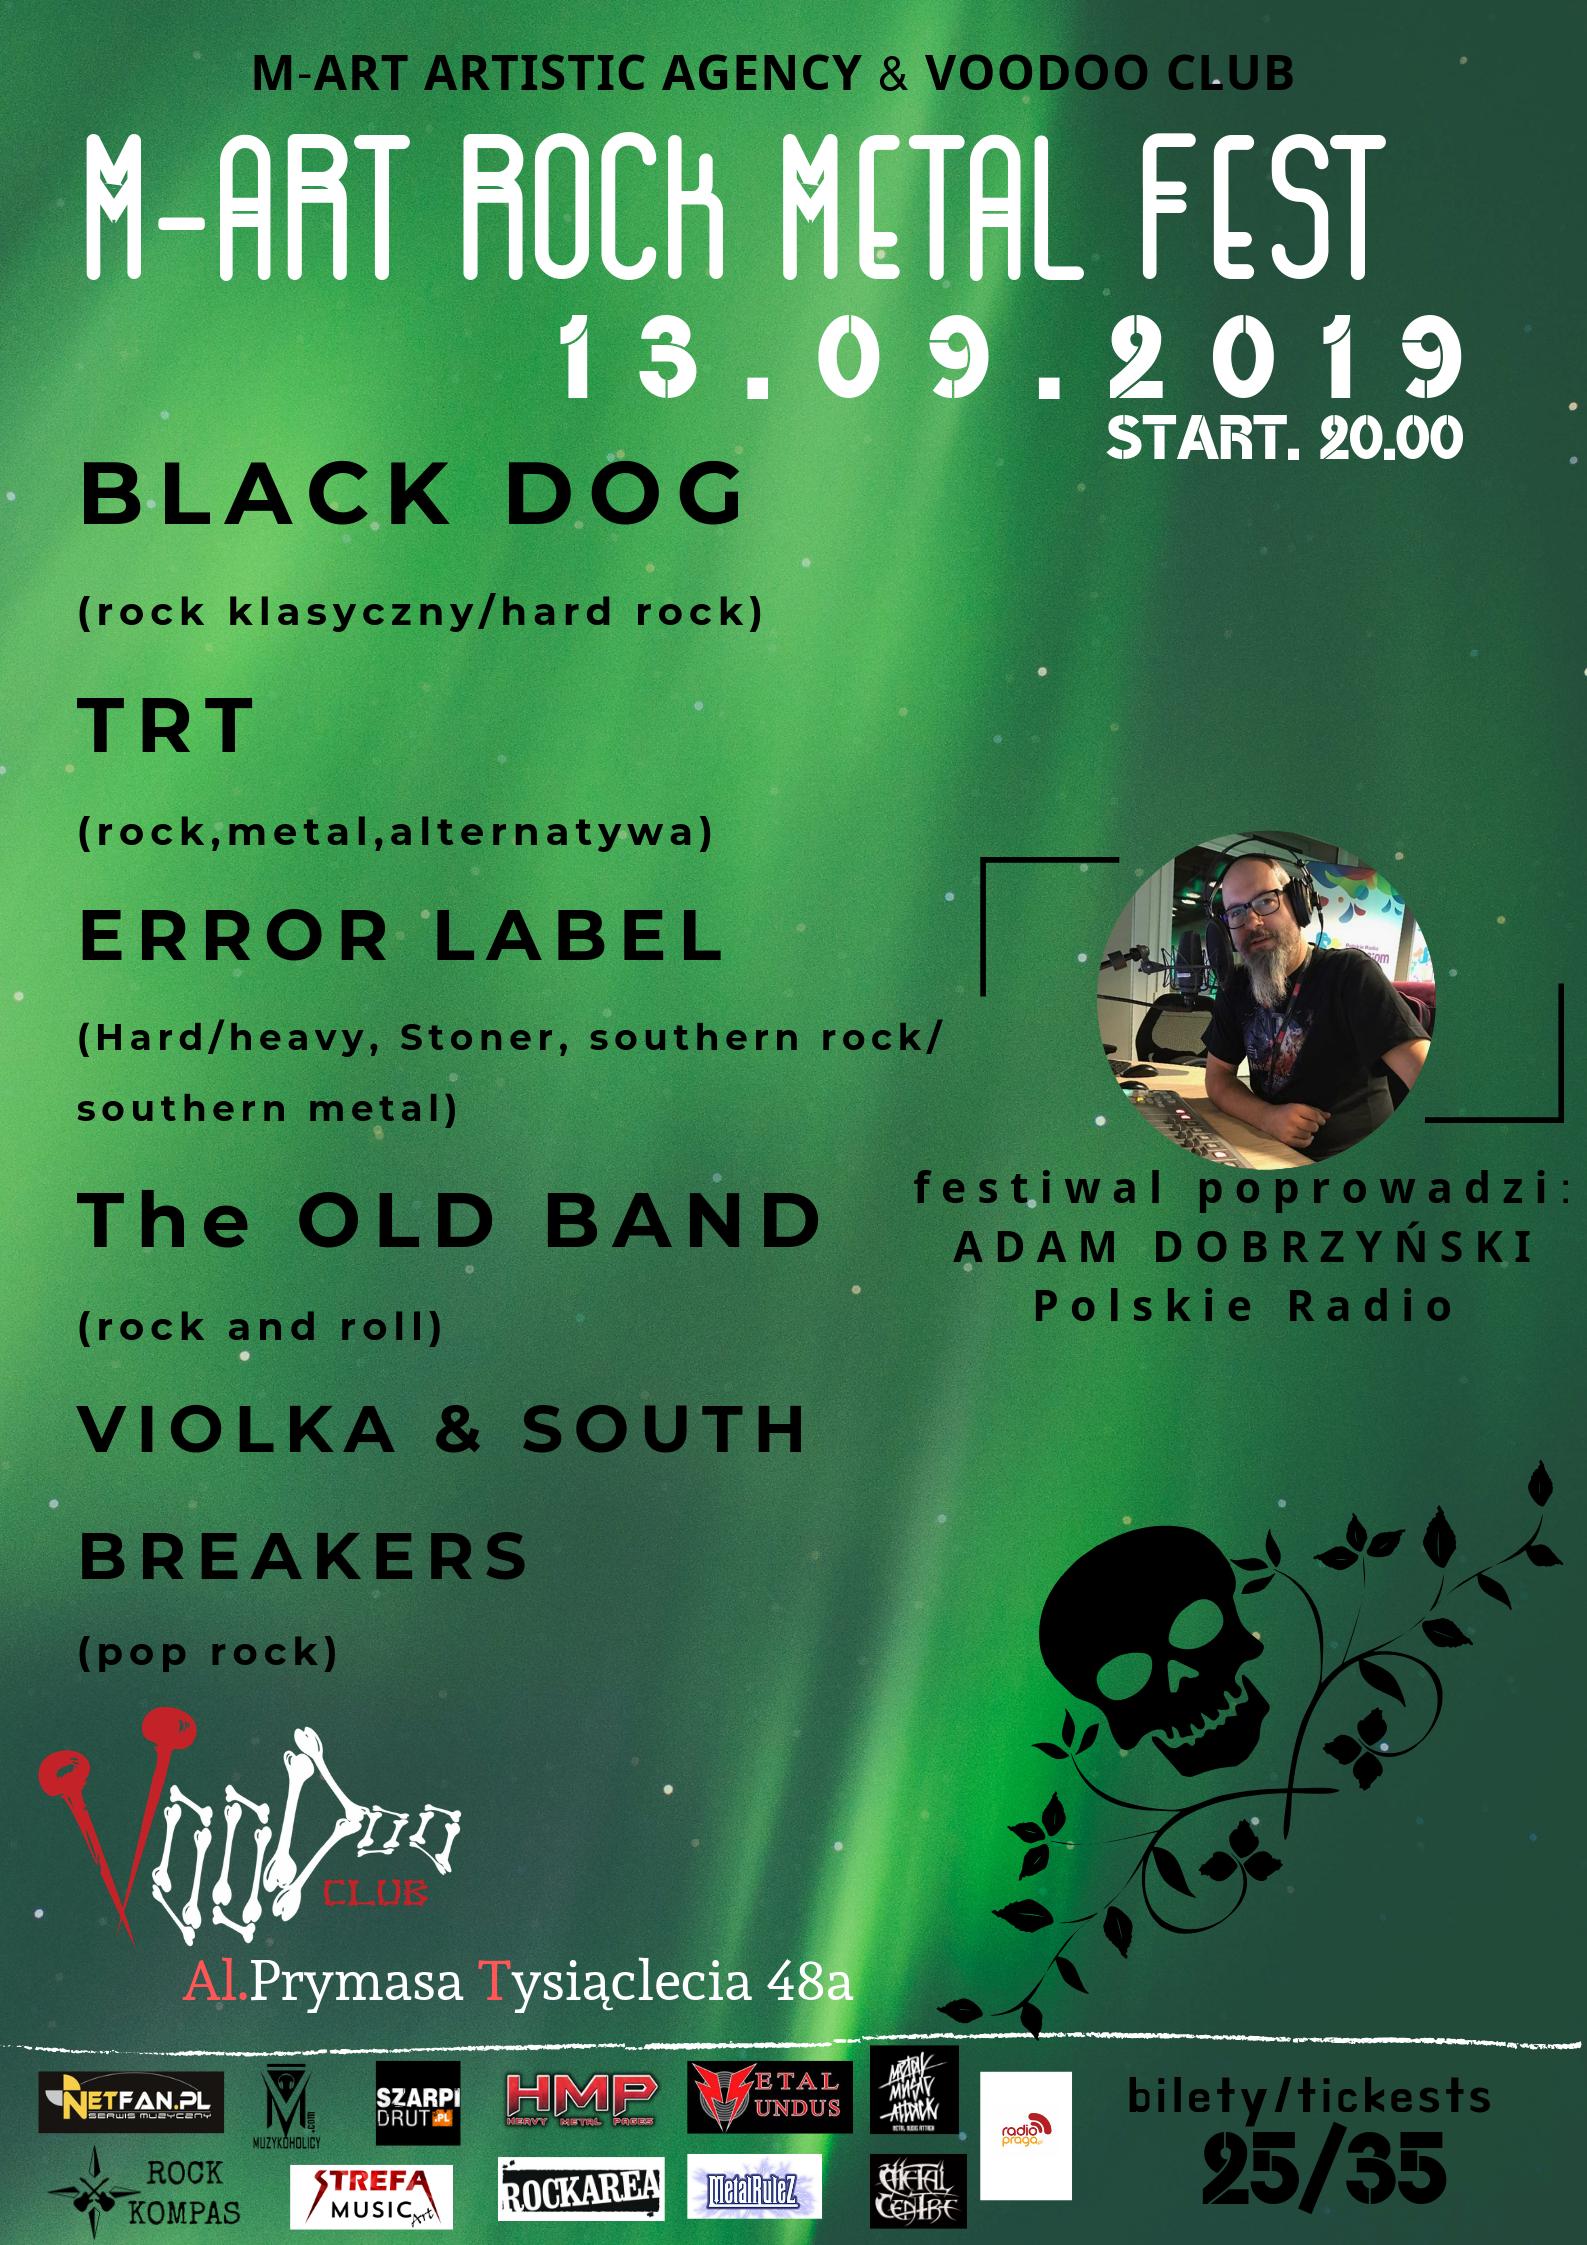 Już w piątek startuje M-ART Rock Metal Fest!